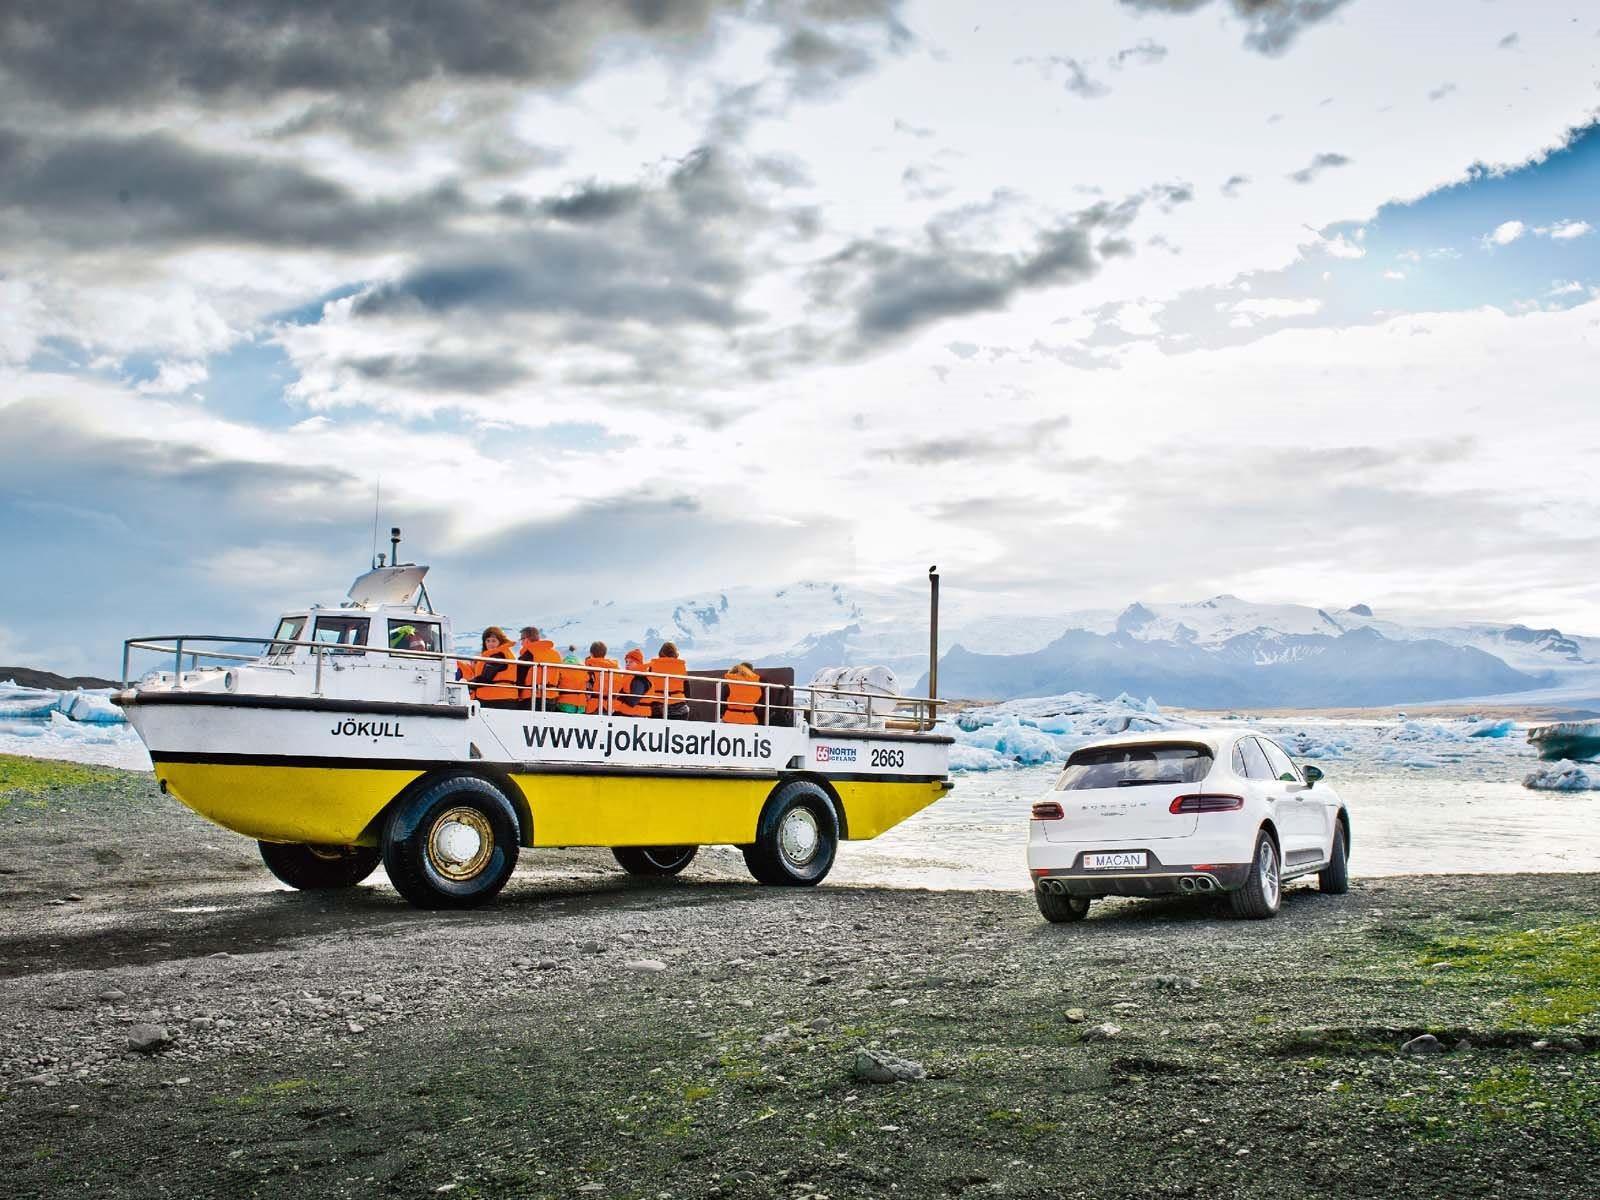 «Тем не менее, нет причин просто отказаться от дизельного топлива». Обоснования у Porsche такие же, что и у его соперников - дизельные двигатели обычно производят меньше выбросов CO2, чем бензиновые, что важно для достижения намеченного целевого пока